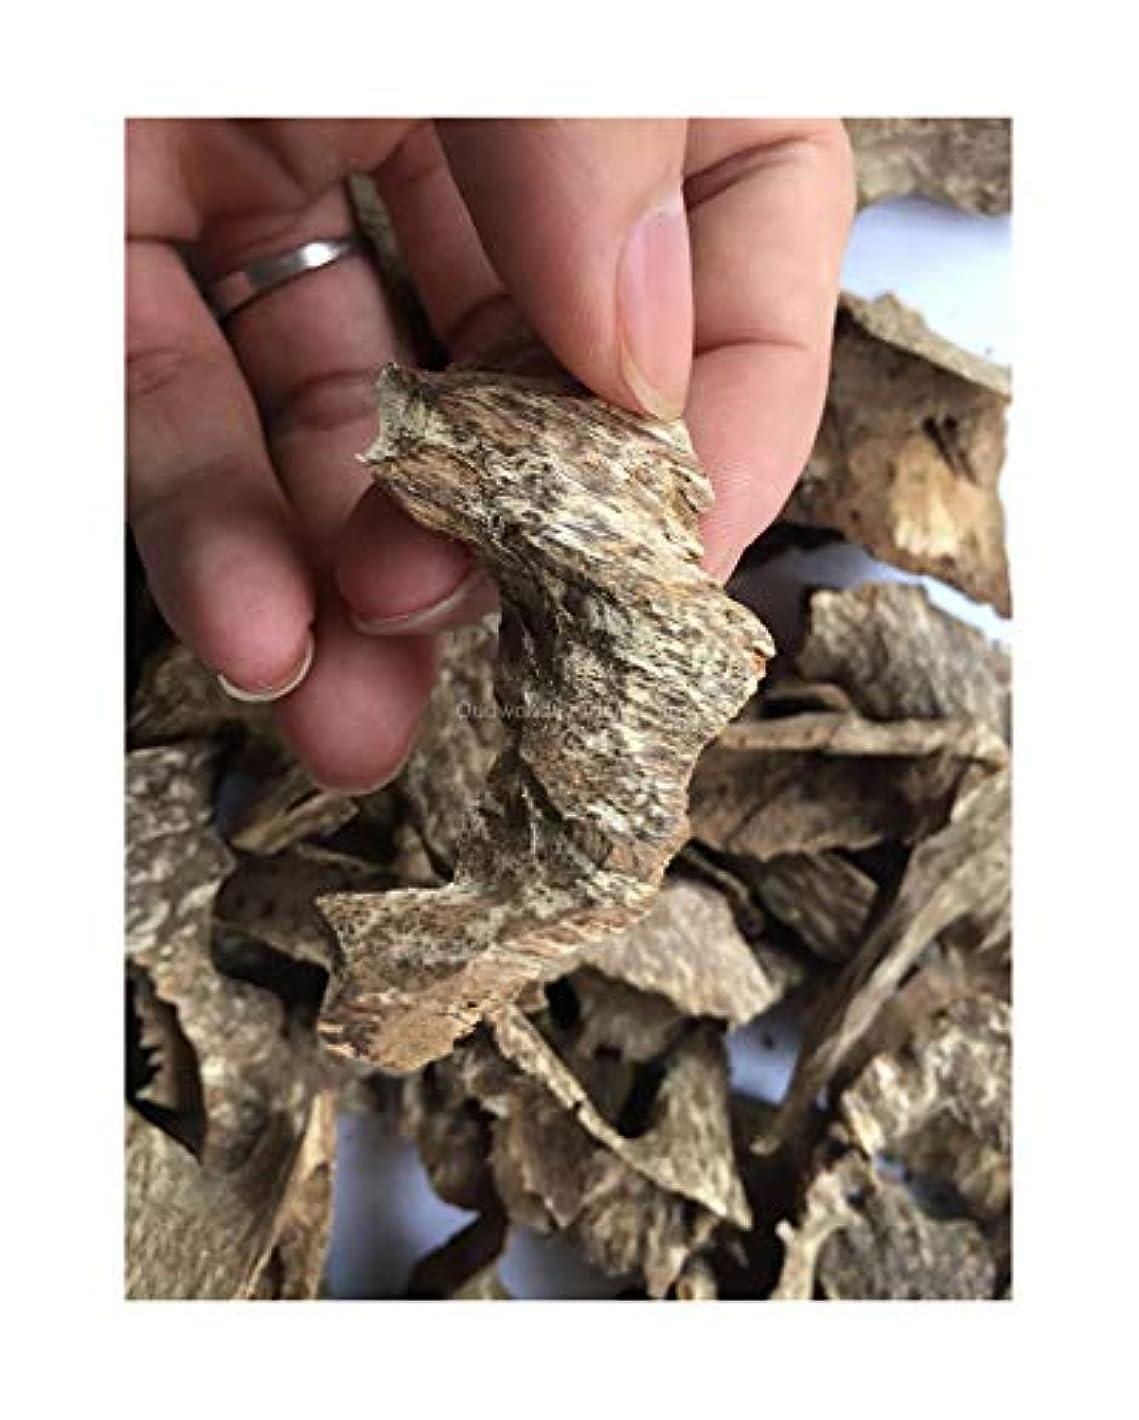 侵入するテクトニック包括的オウドチップス オードチップ インセンス アロマ ナチュラル ワイルド レア アガーウッド チップ オードウッド ベトナム 純素材 グレードA++ 1kg ブラック Oudwood Viet Nam